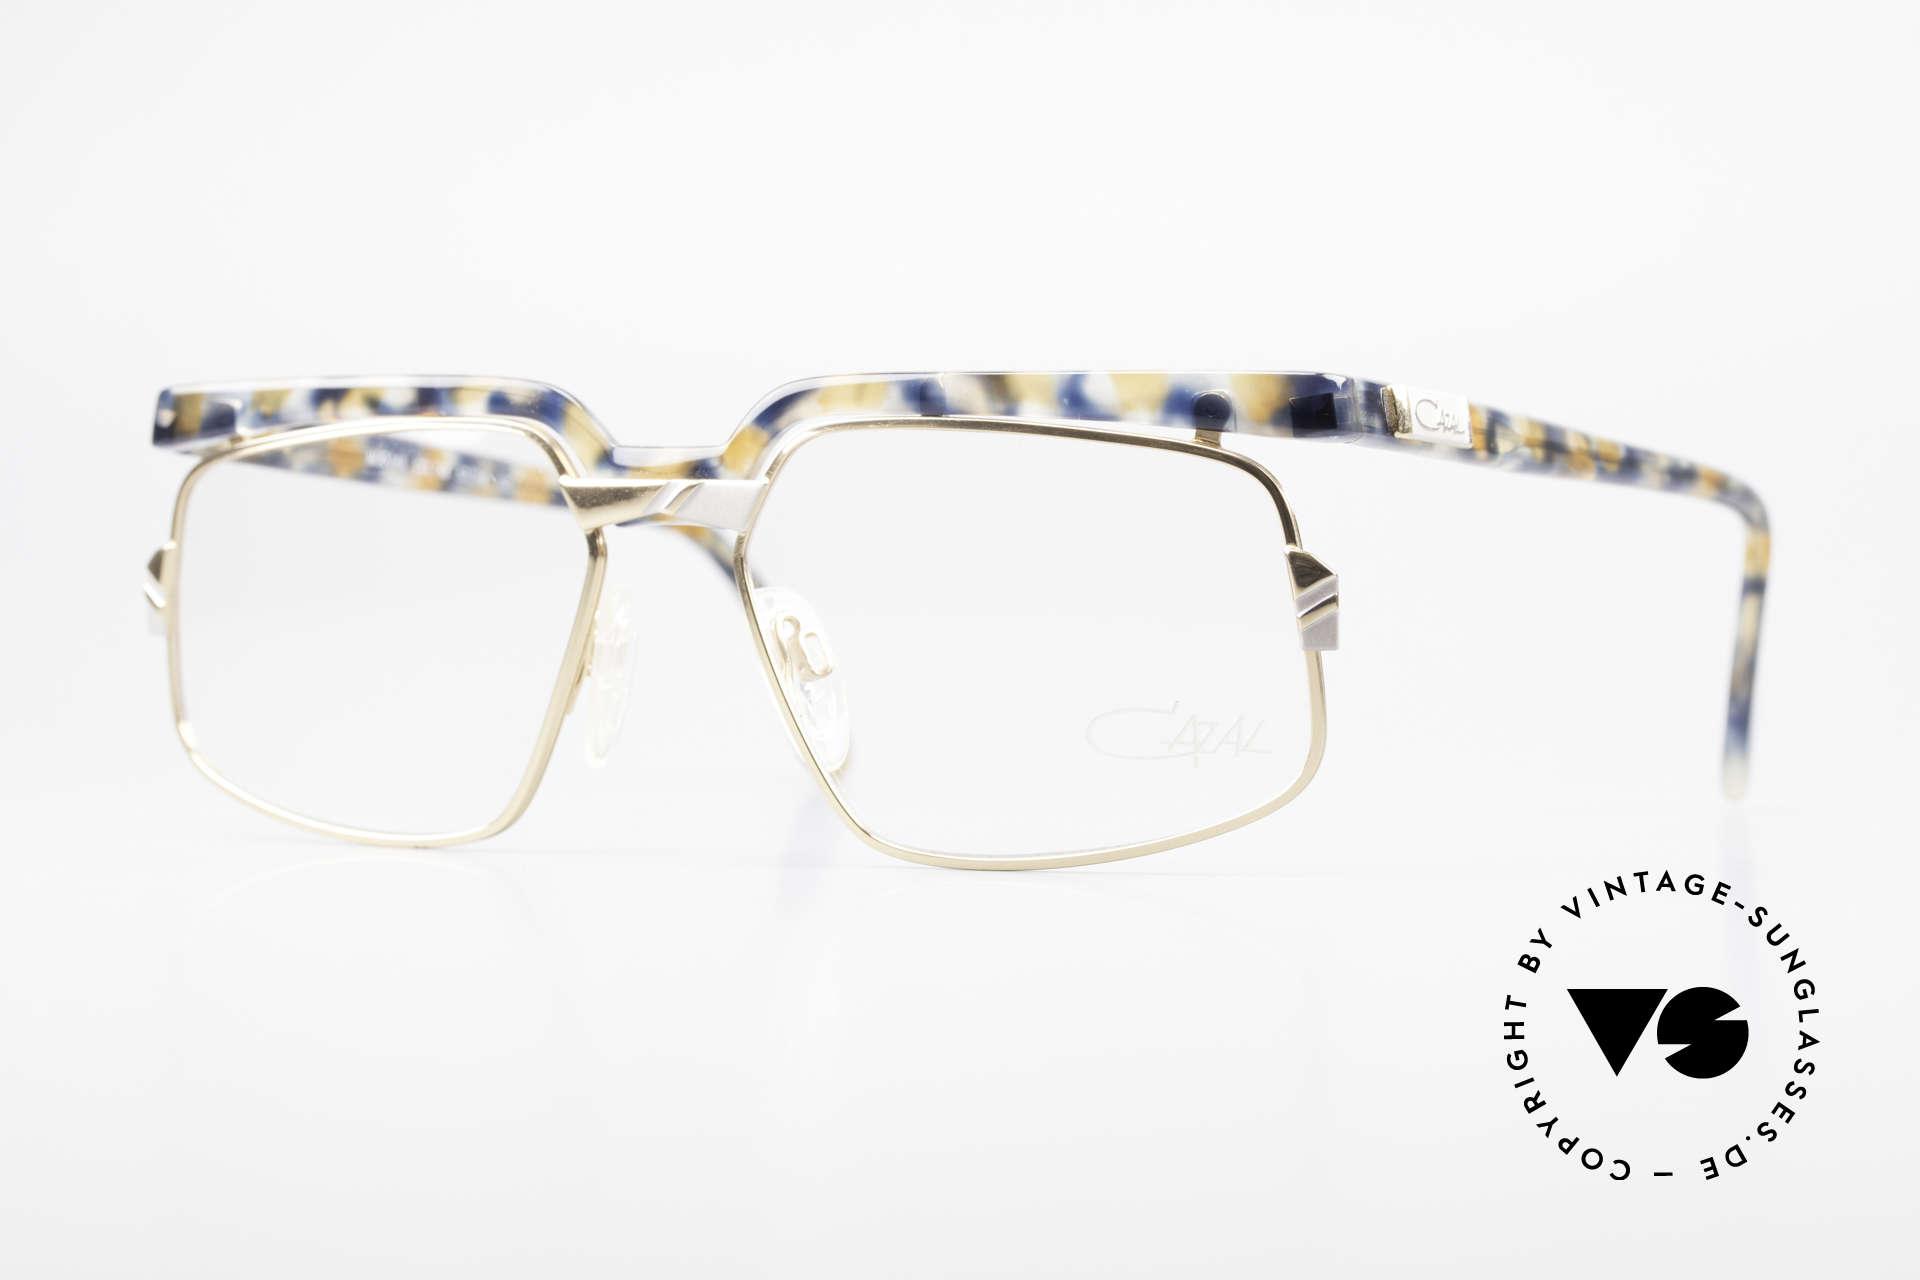 Cazal 246 Außergewöhnliche 90er Cazal, verrückte vintage Cazal Designerbrille von ca. 1993, Passend für Herren und Damen